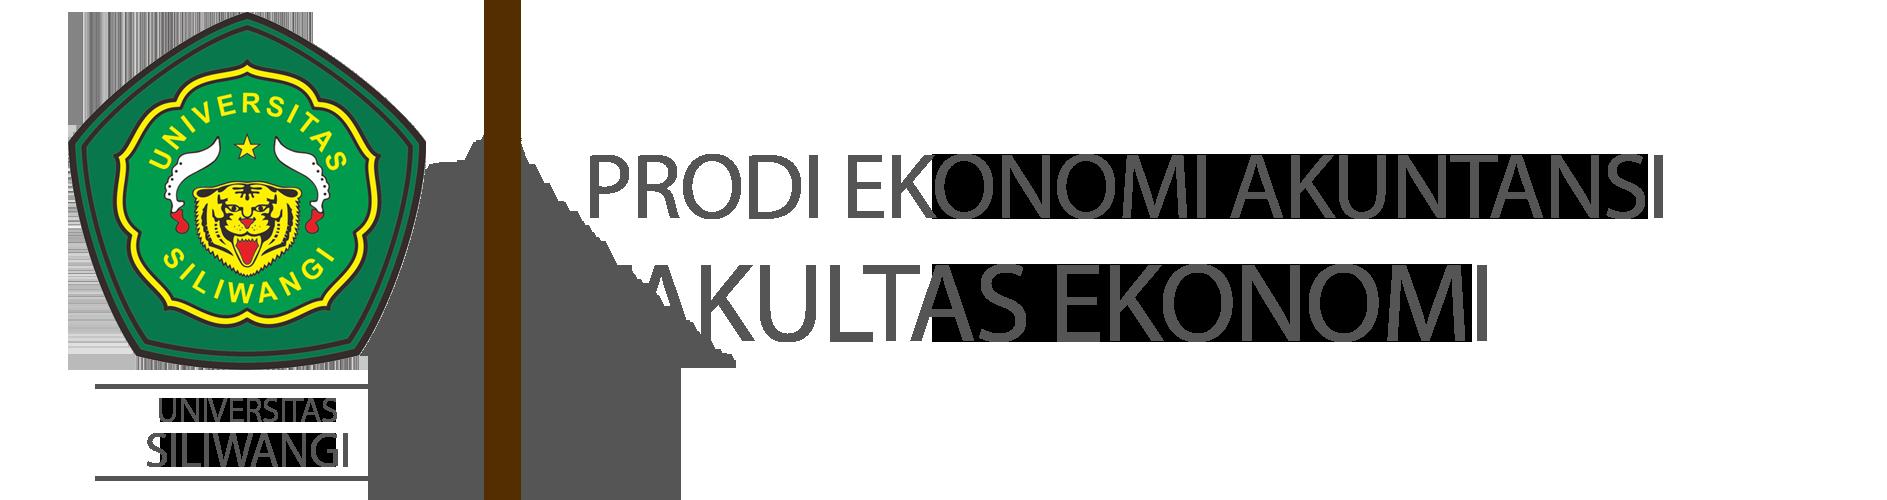 Website Resmi Prodi Akuntansi Universitas Siliwangi